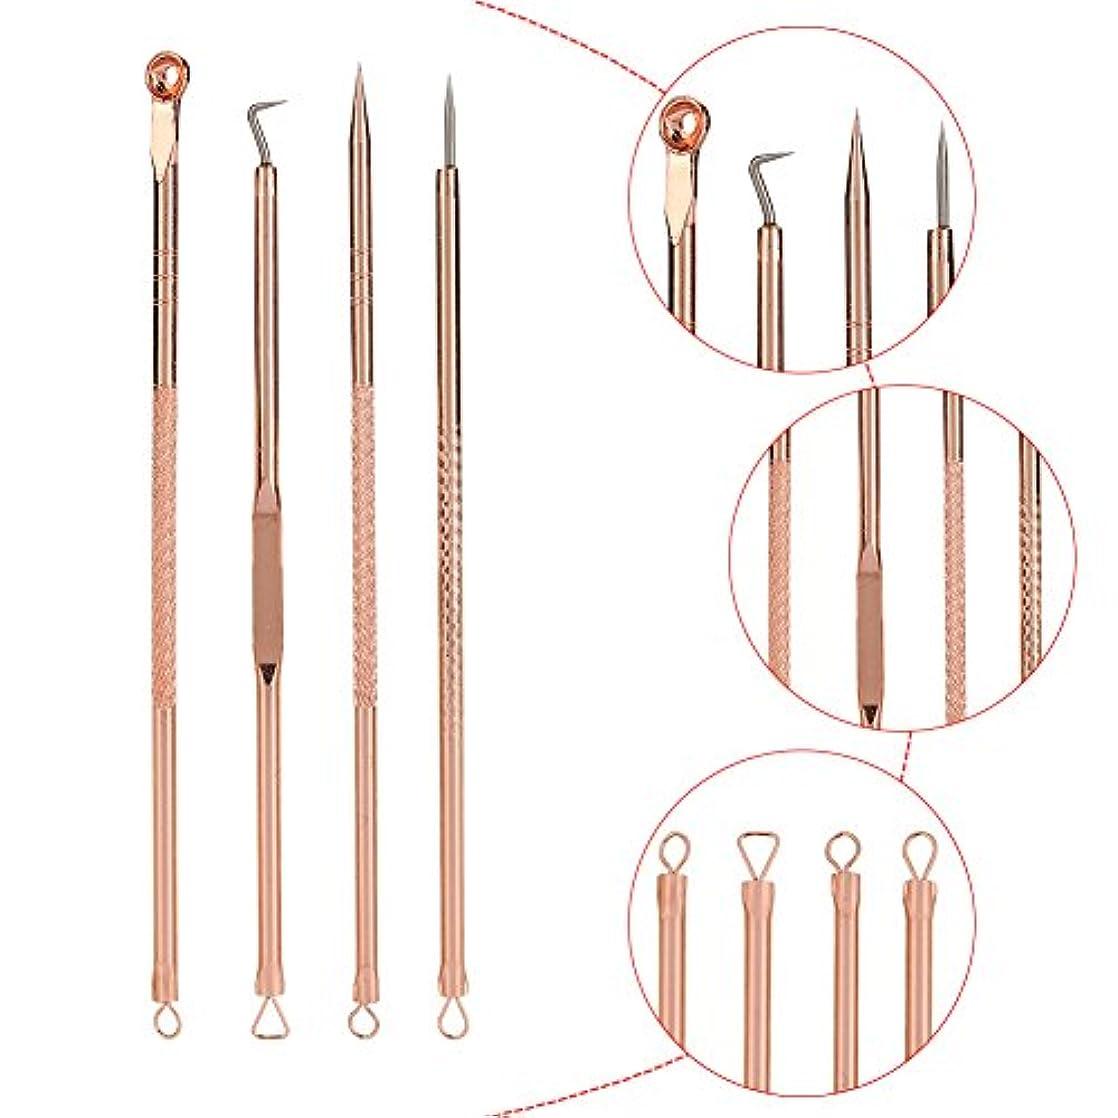 ぶどう哺乳類ラオス人4PCSブラックヘッド抽出器 - ブラックポイントのステンレス鋼コメドーンブラックヘッドプーラープロフェッショナル抽出 - ケース付きブラック/ホワイトポイント/ニキビボタン/ボタン